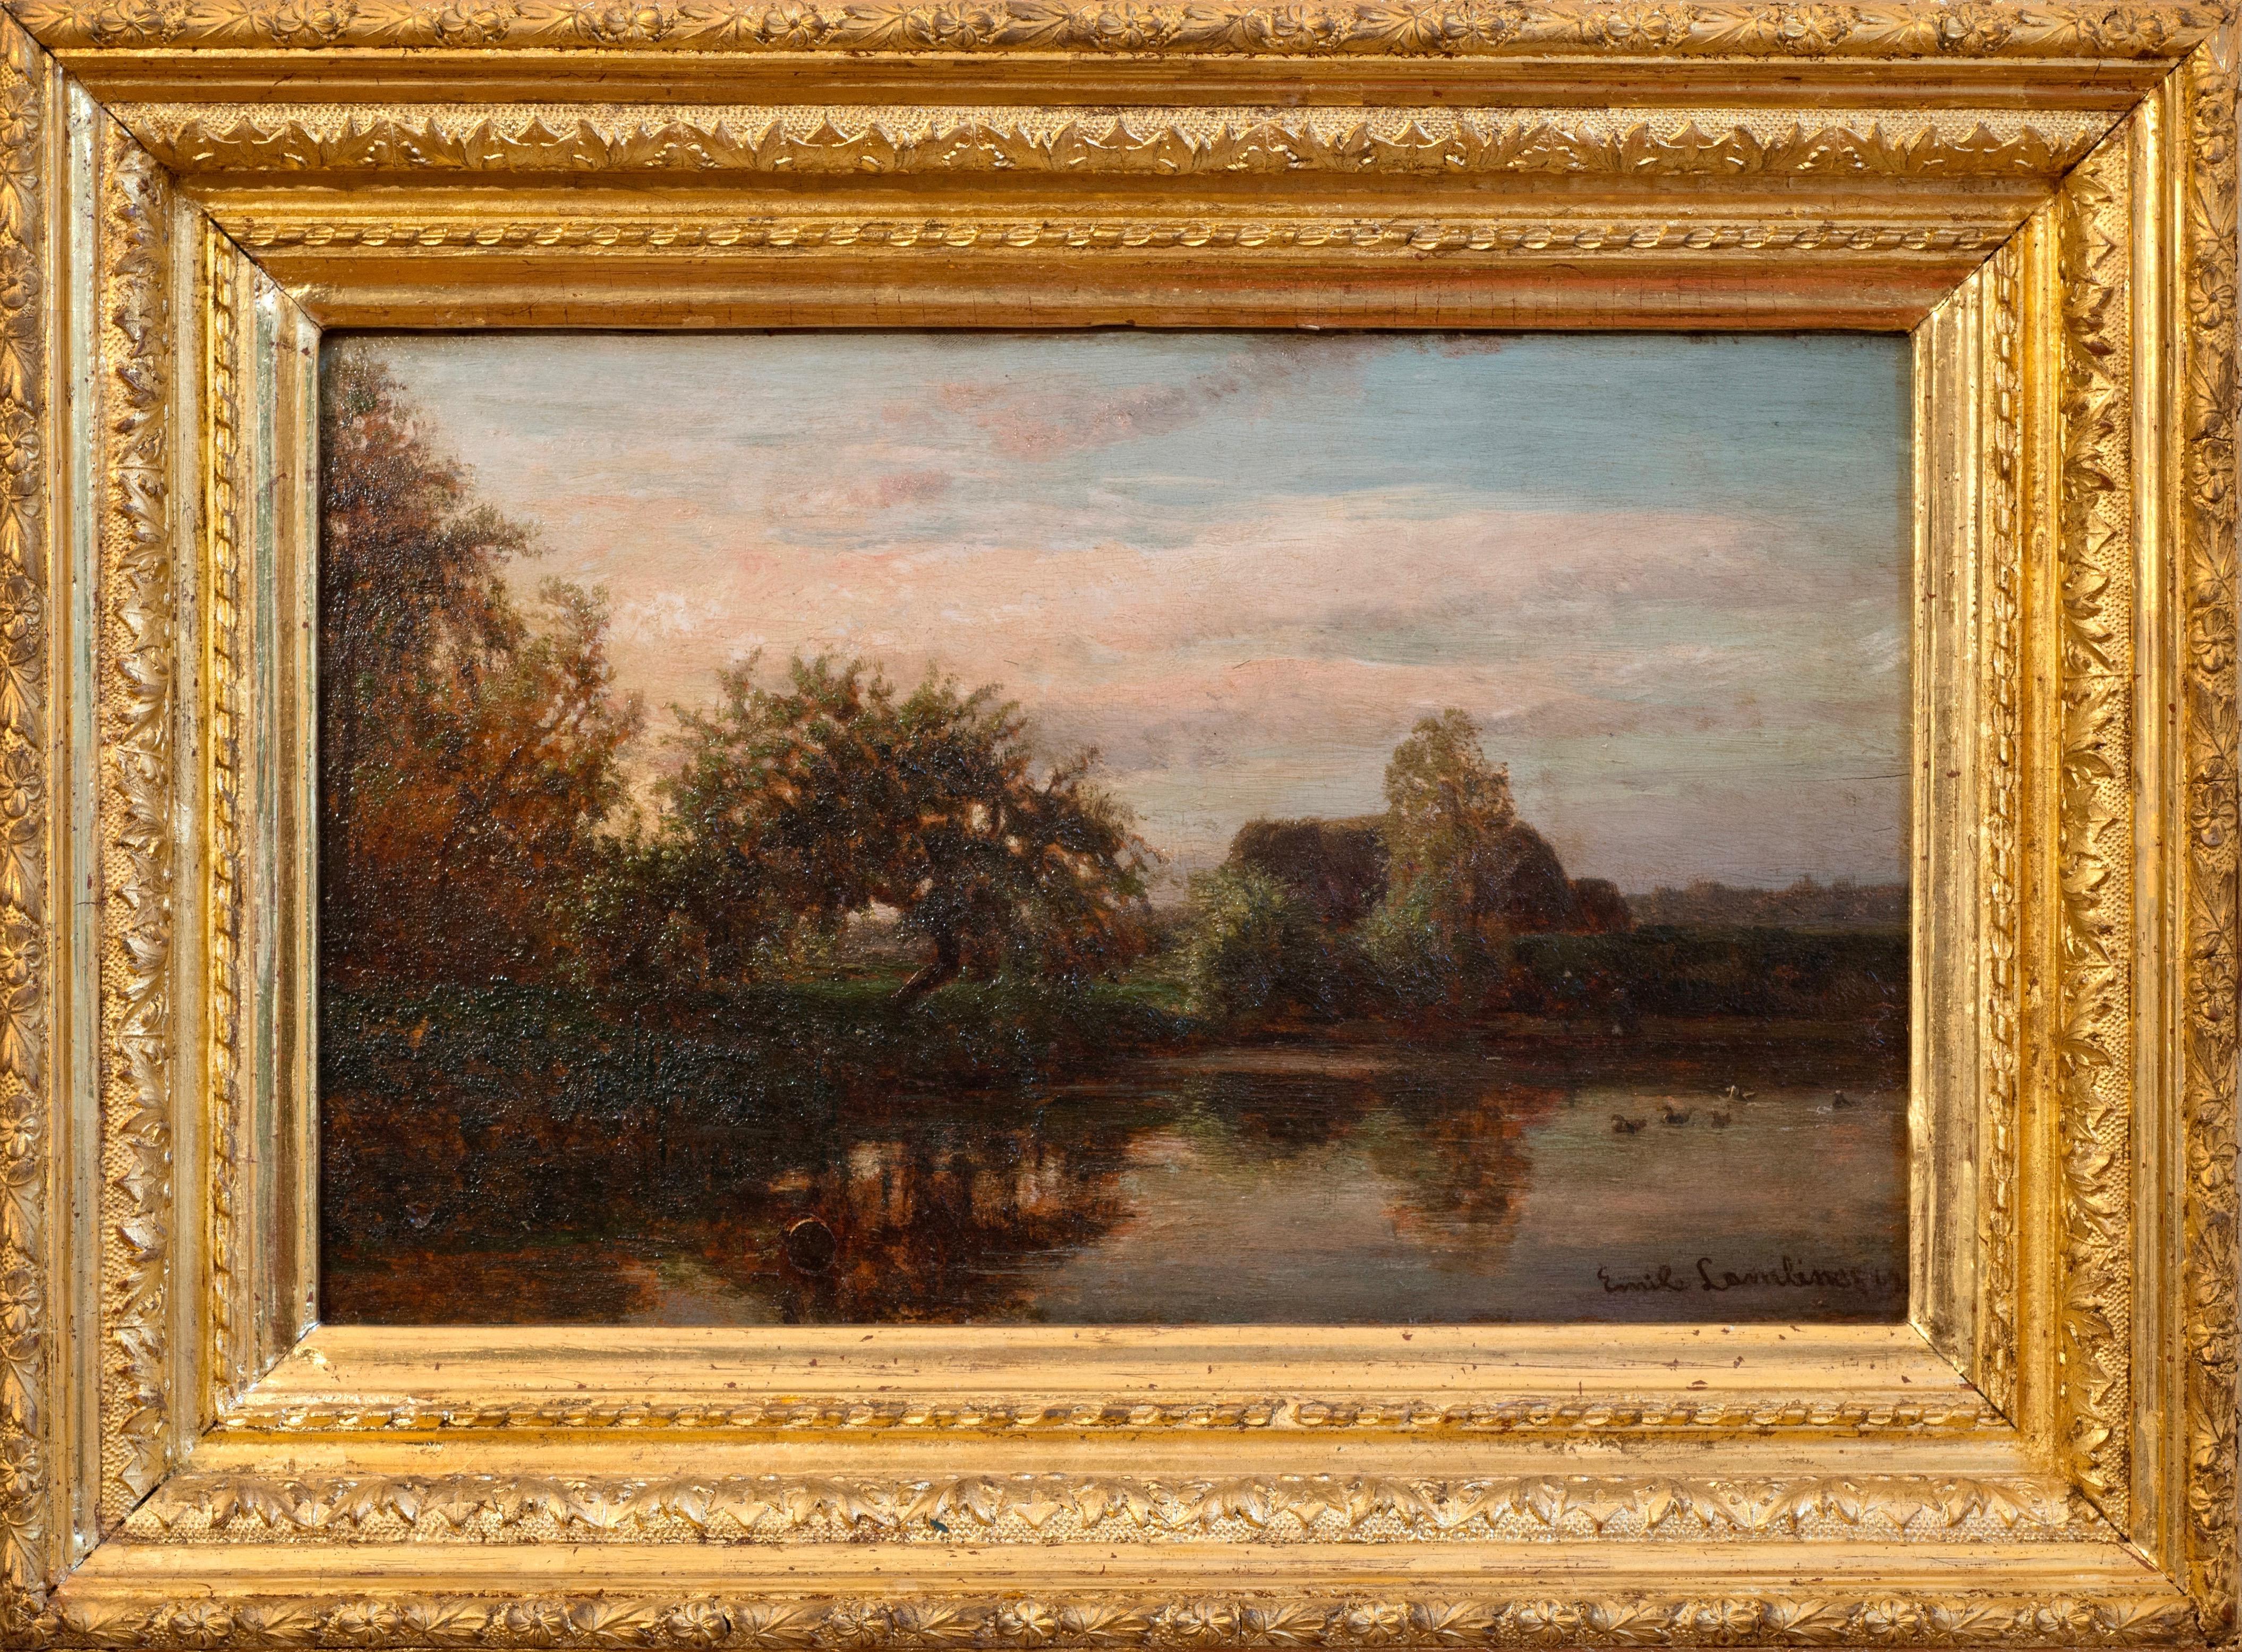 Lambinet_Along the Oise River